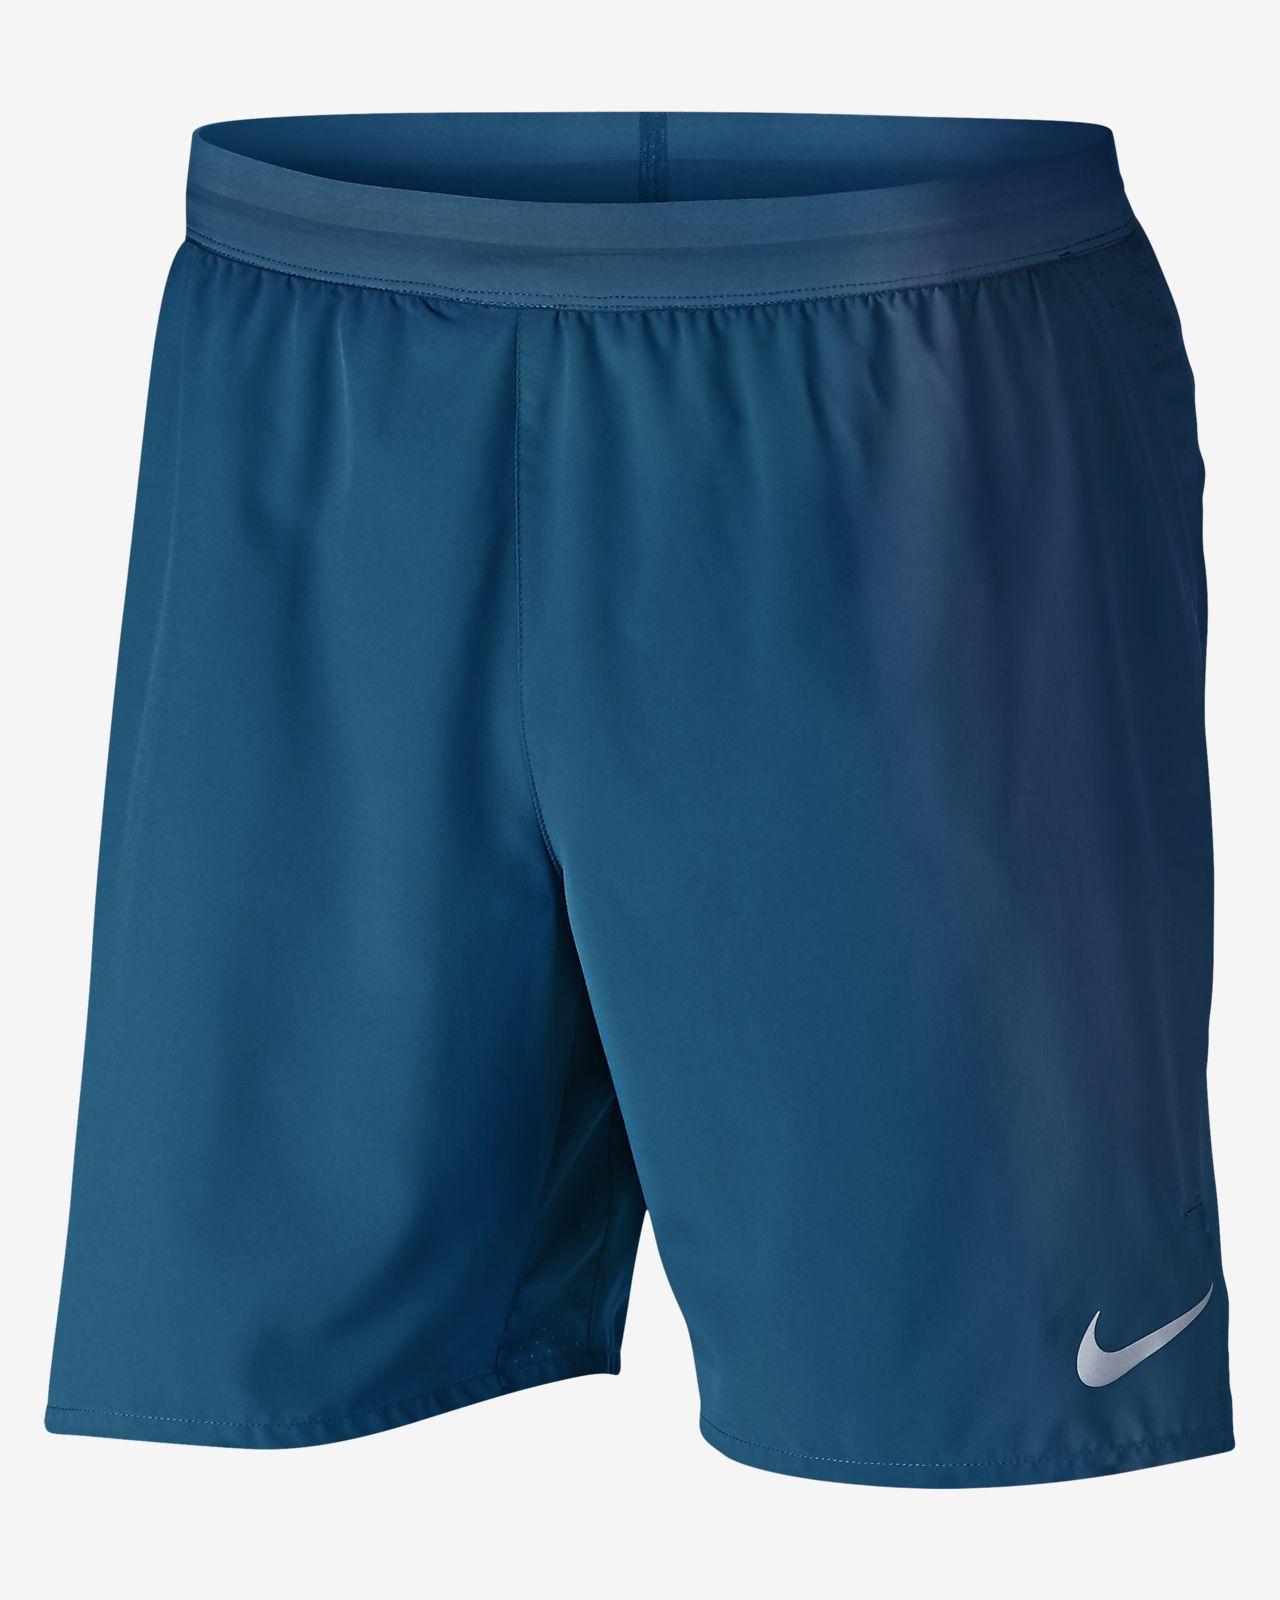 กางเกงวิ่งขาสั้น 7 นิ้วมีซับในผู้ชาย Nike Flex Stride